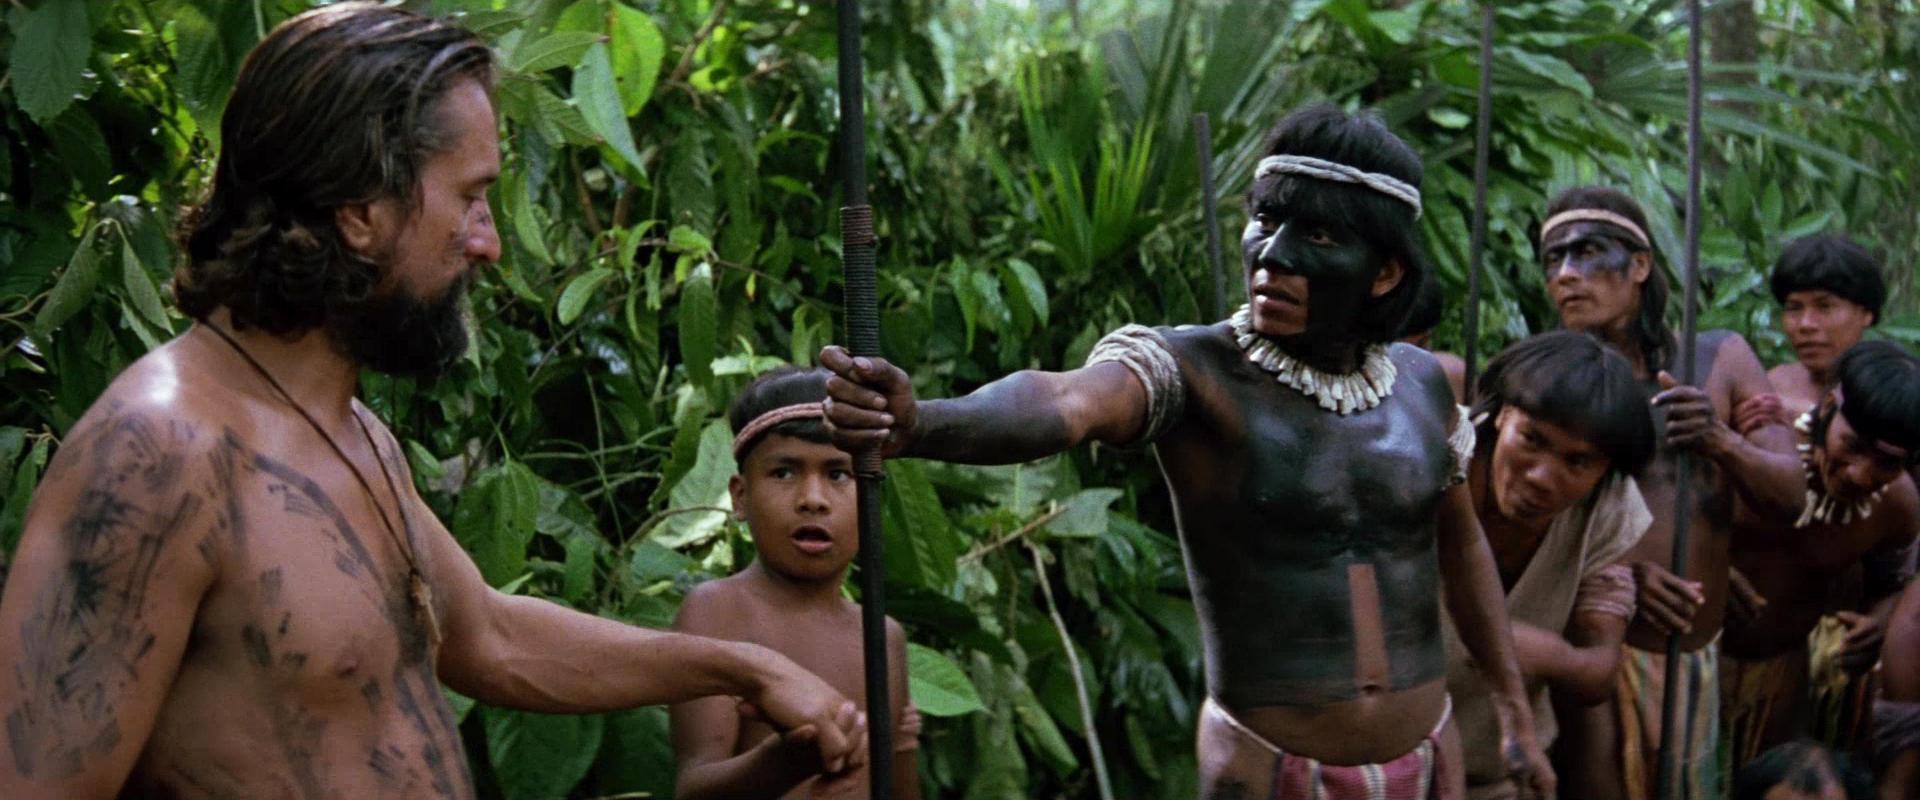 Una escena de La Misión con la selva misionera como escenario de privilegio.